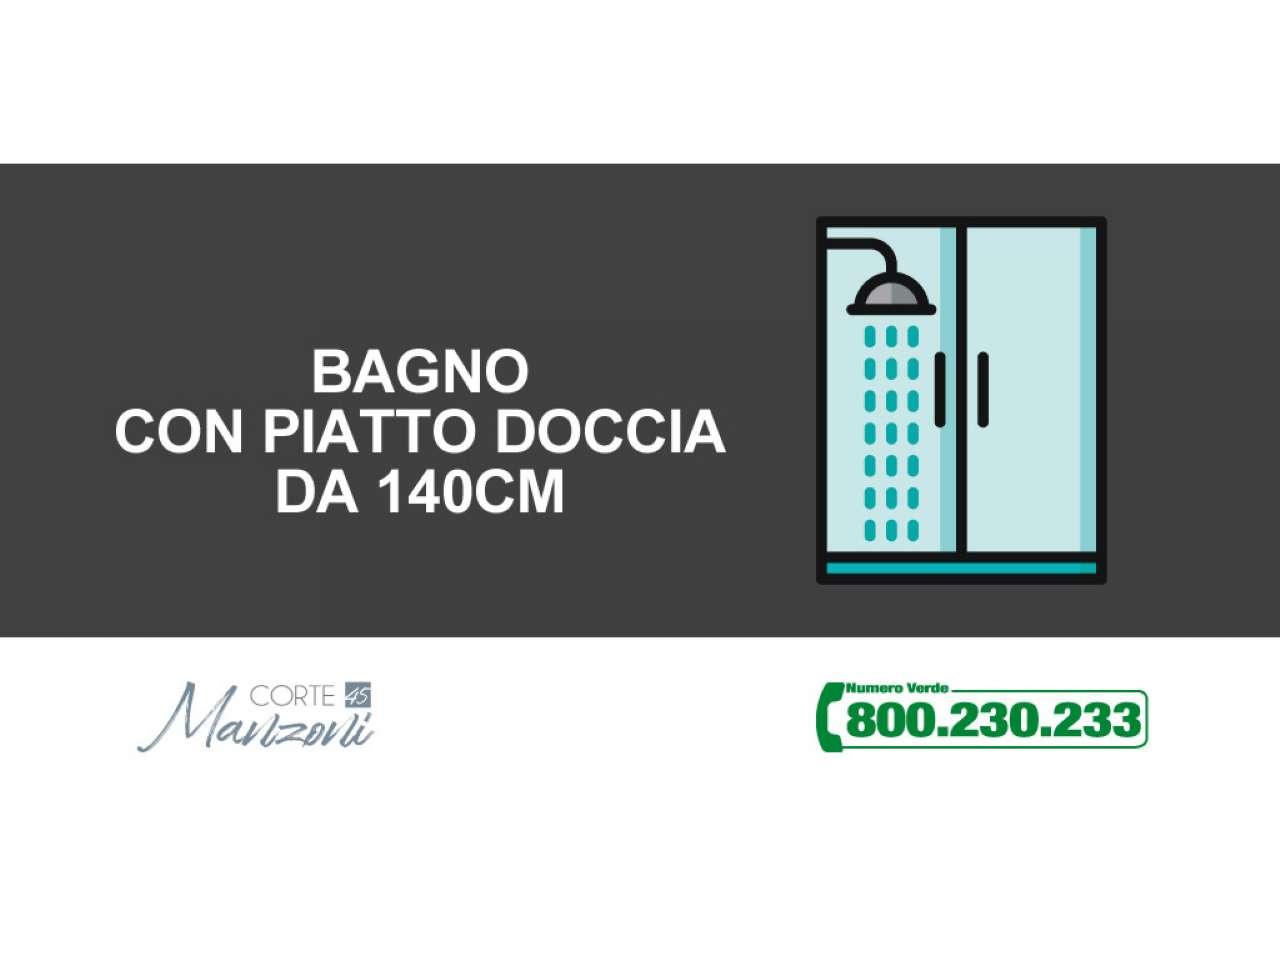 Nuovo appartamento di tre locali in Corte Manzoni, foto 17